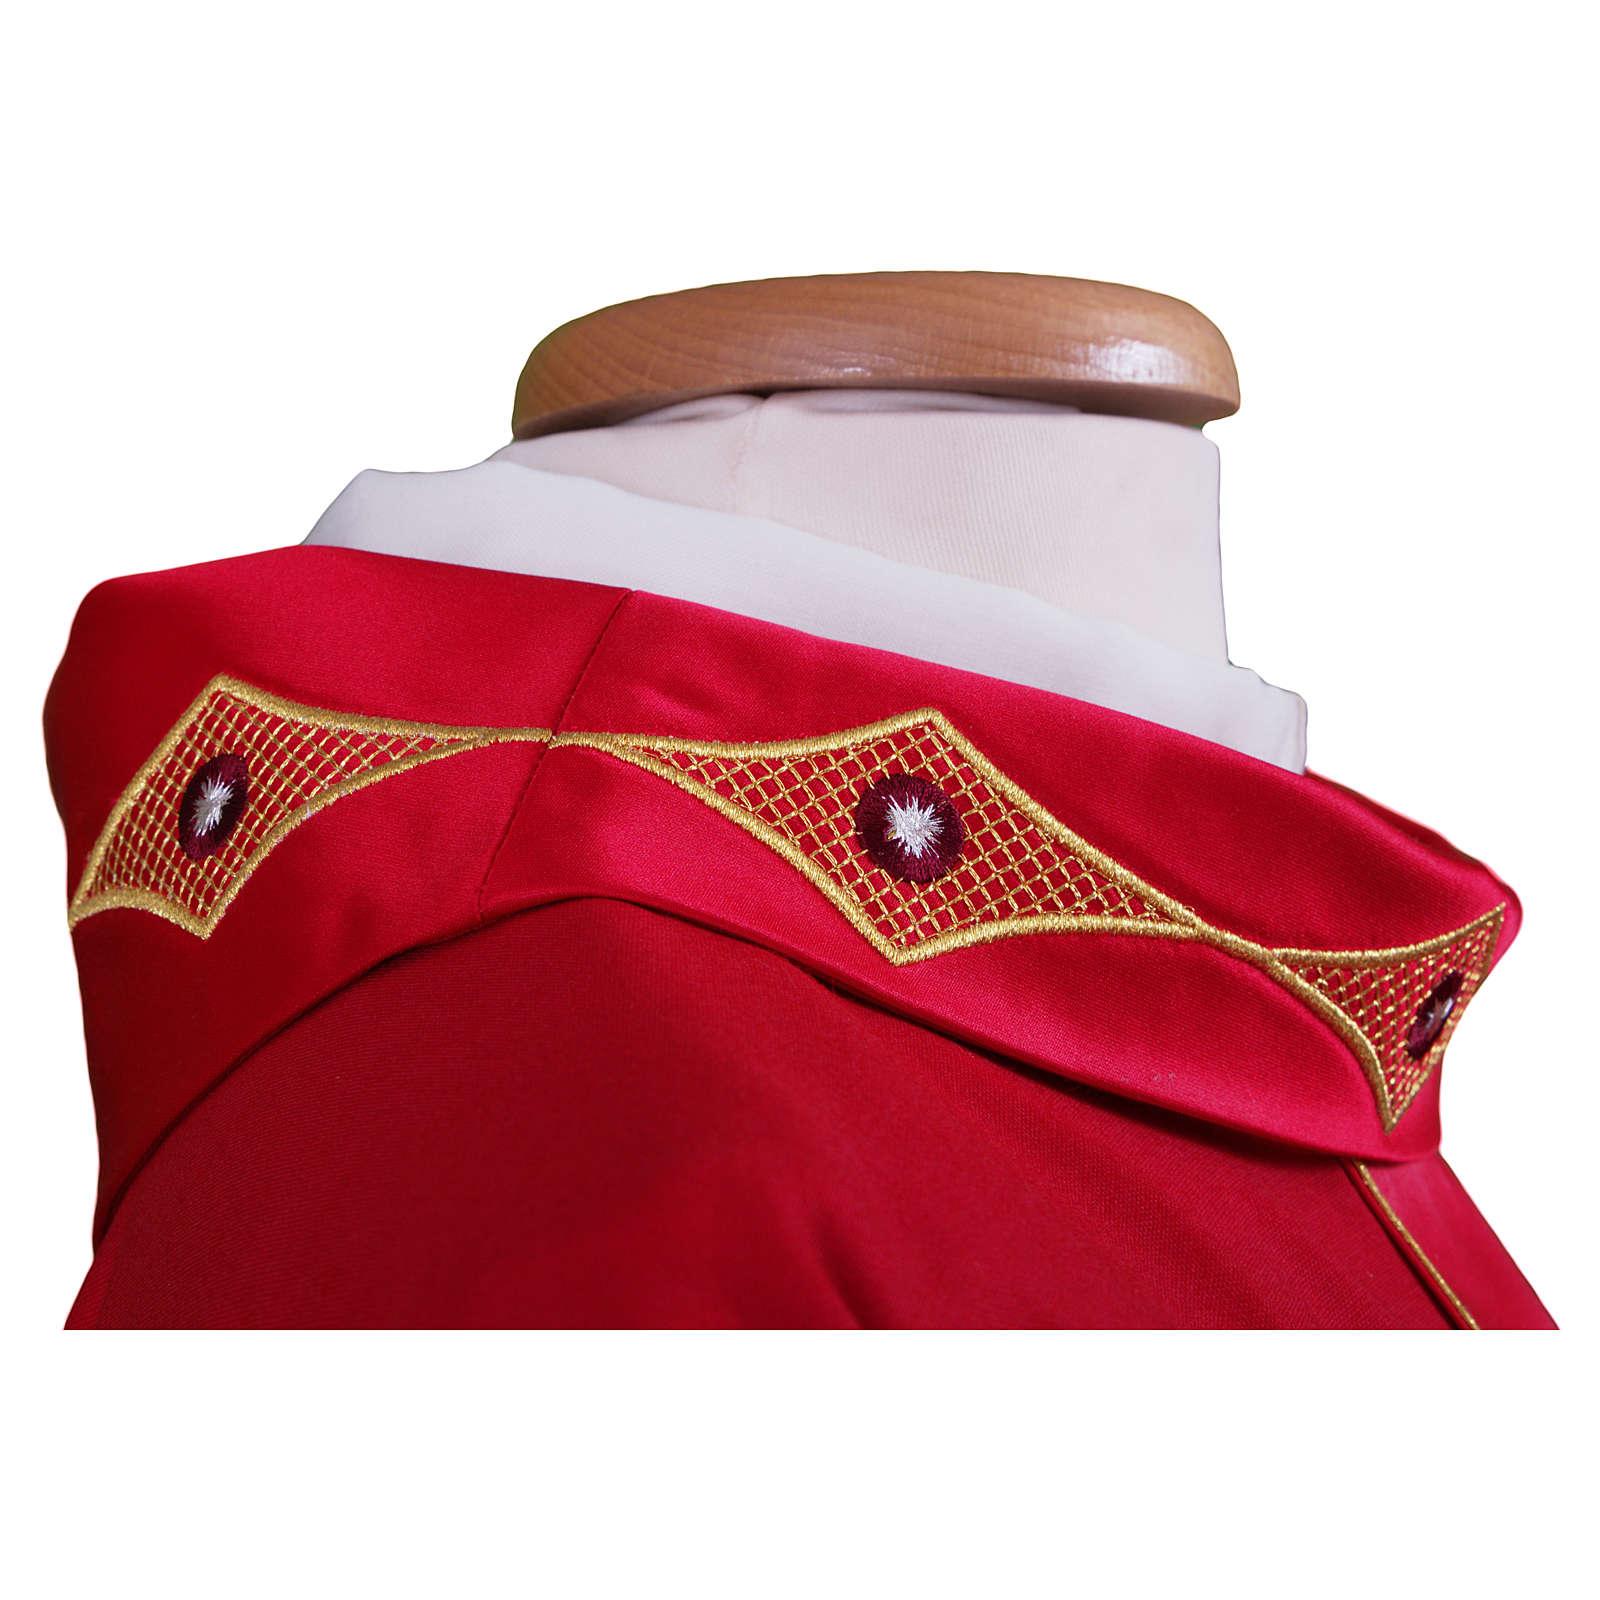 Casula em lã pura estolão e gola bordados 4